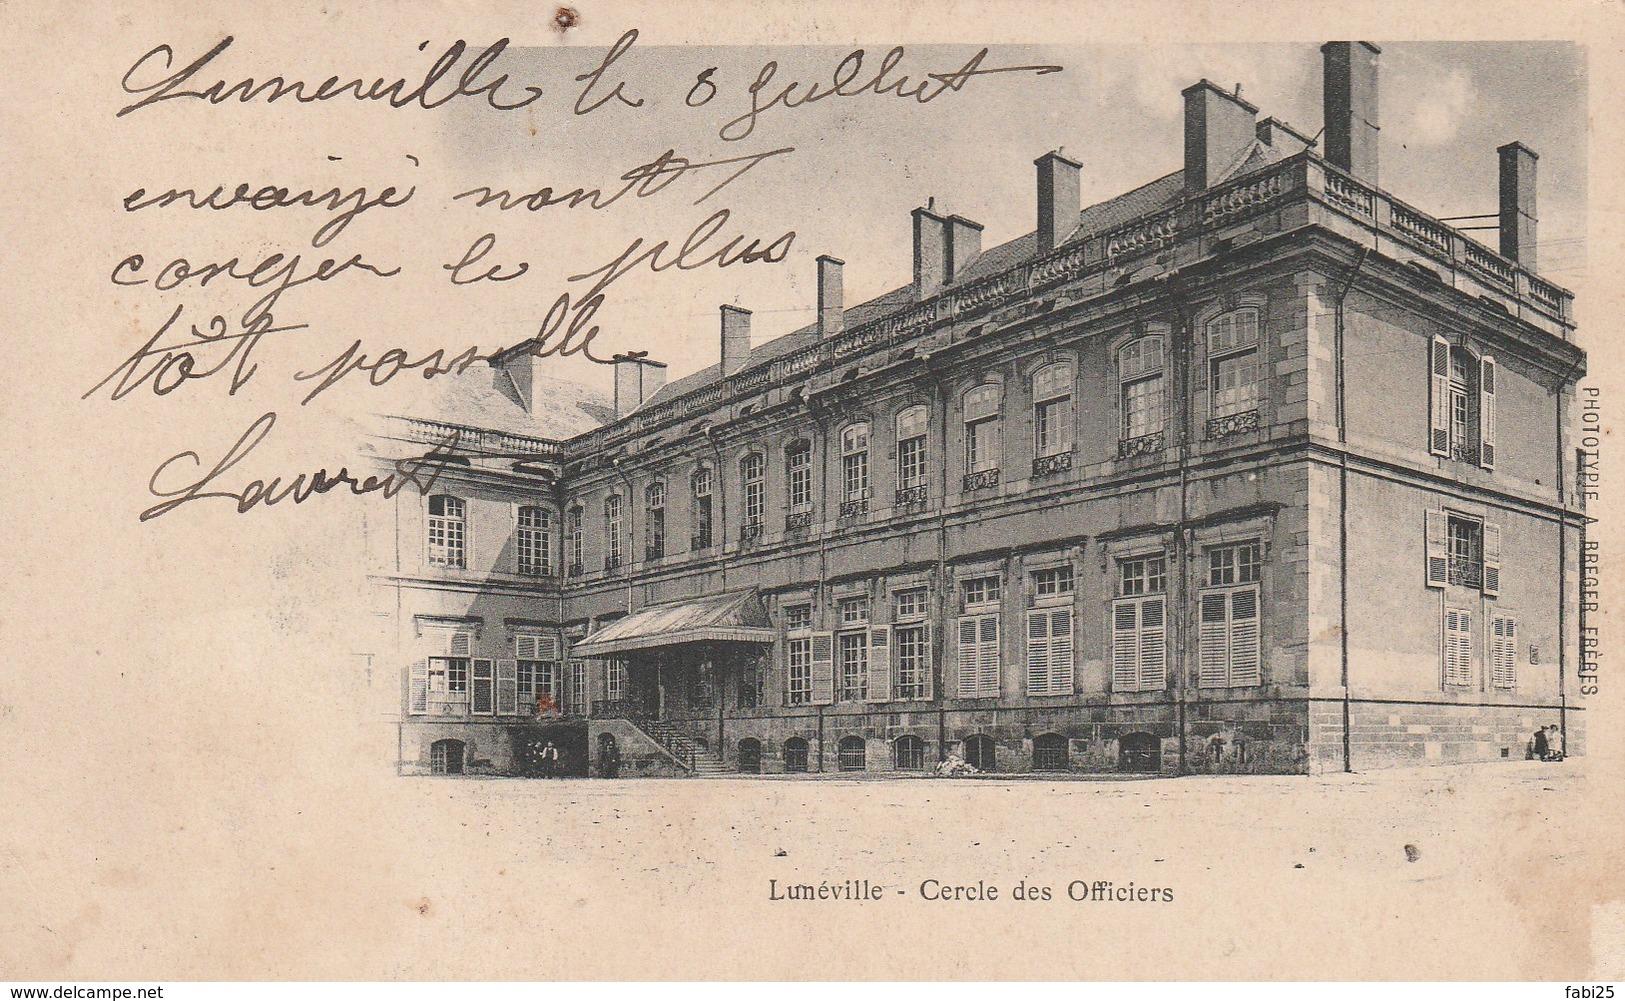 LUNEVILLE CERCLE DES OFFICIERS - Luneville